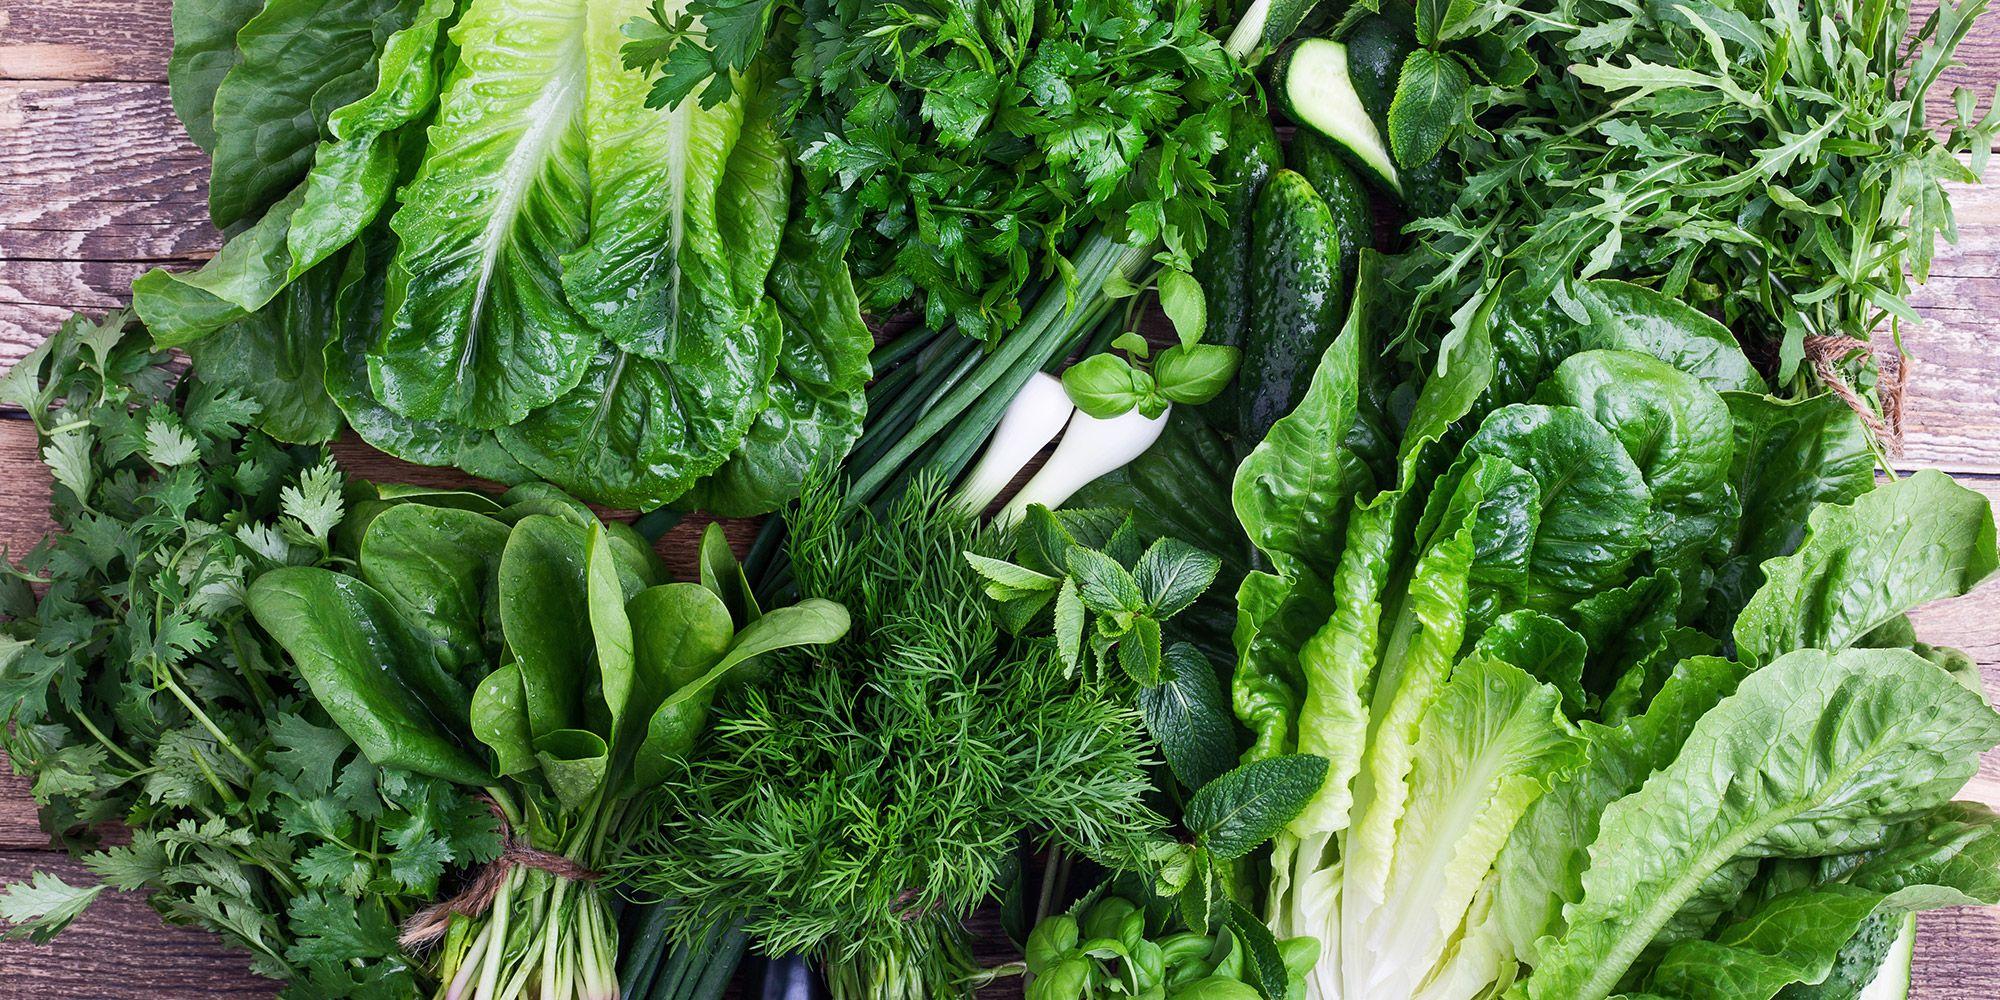 Beneficios Y Propiedades De La Lechuga En La Dieta